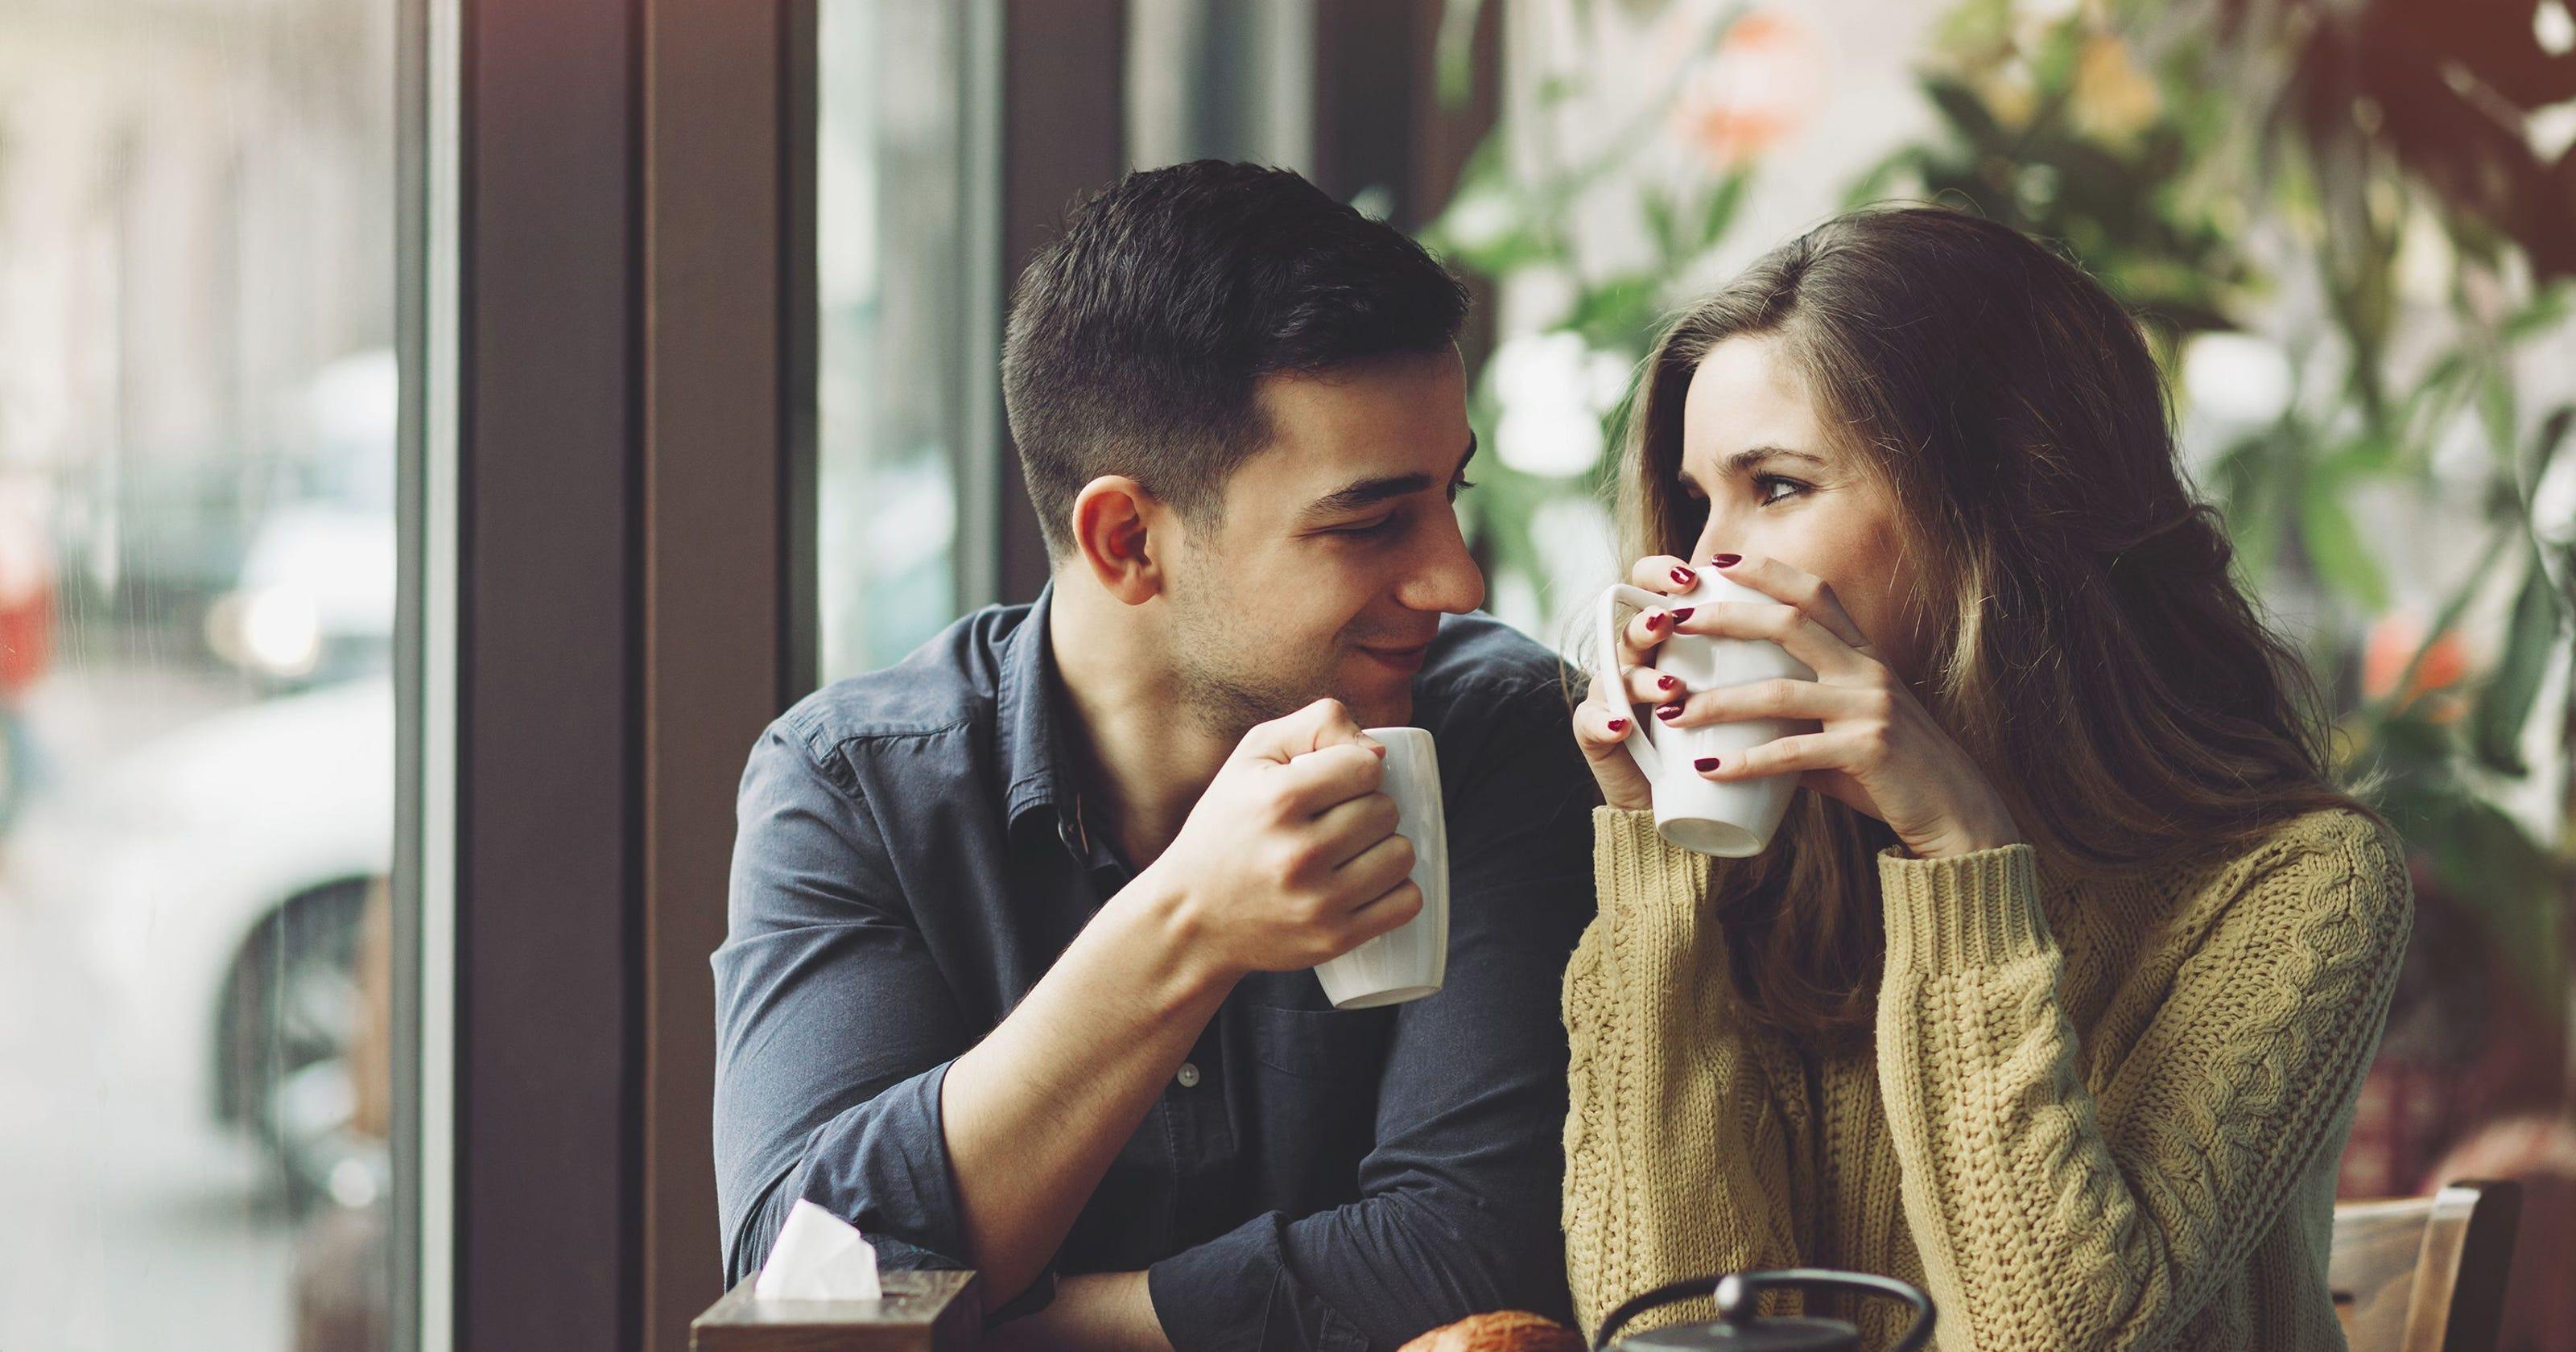 """Vừa nhận lời hẹn hò, cô gái đã """"ngã ngửa"""" vì chàng trai đi ăn lẩu xin nước dùng về pha mì tôm"""